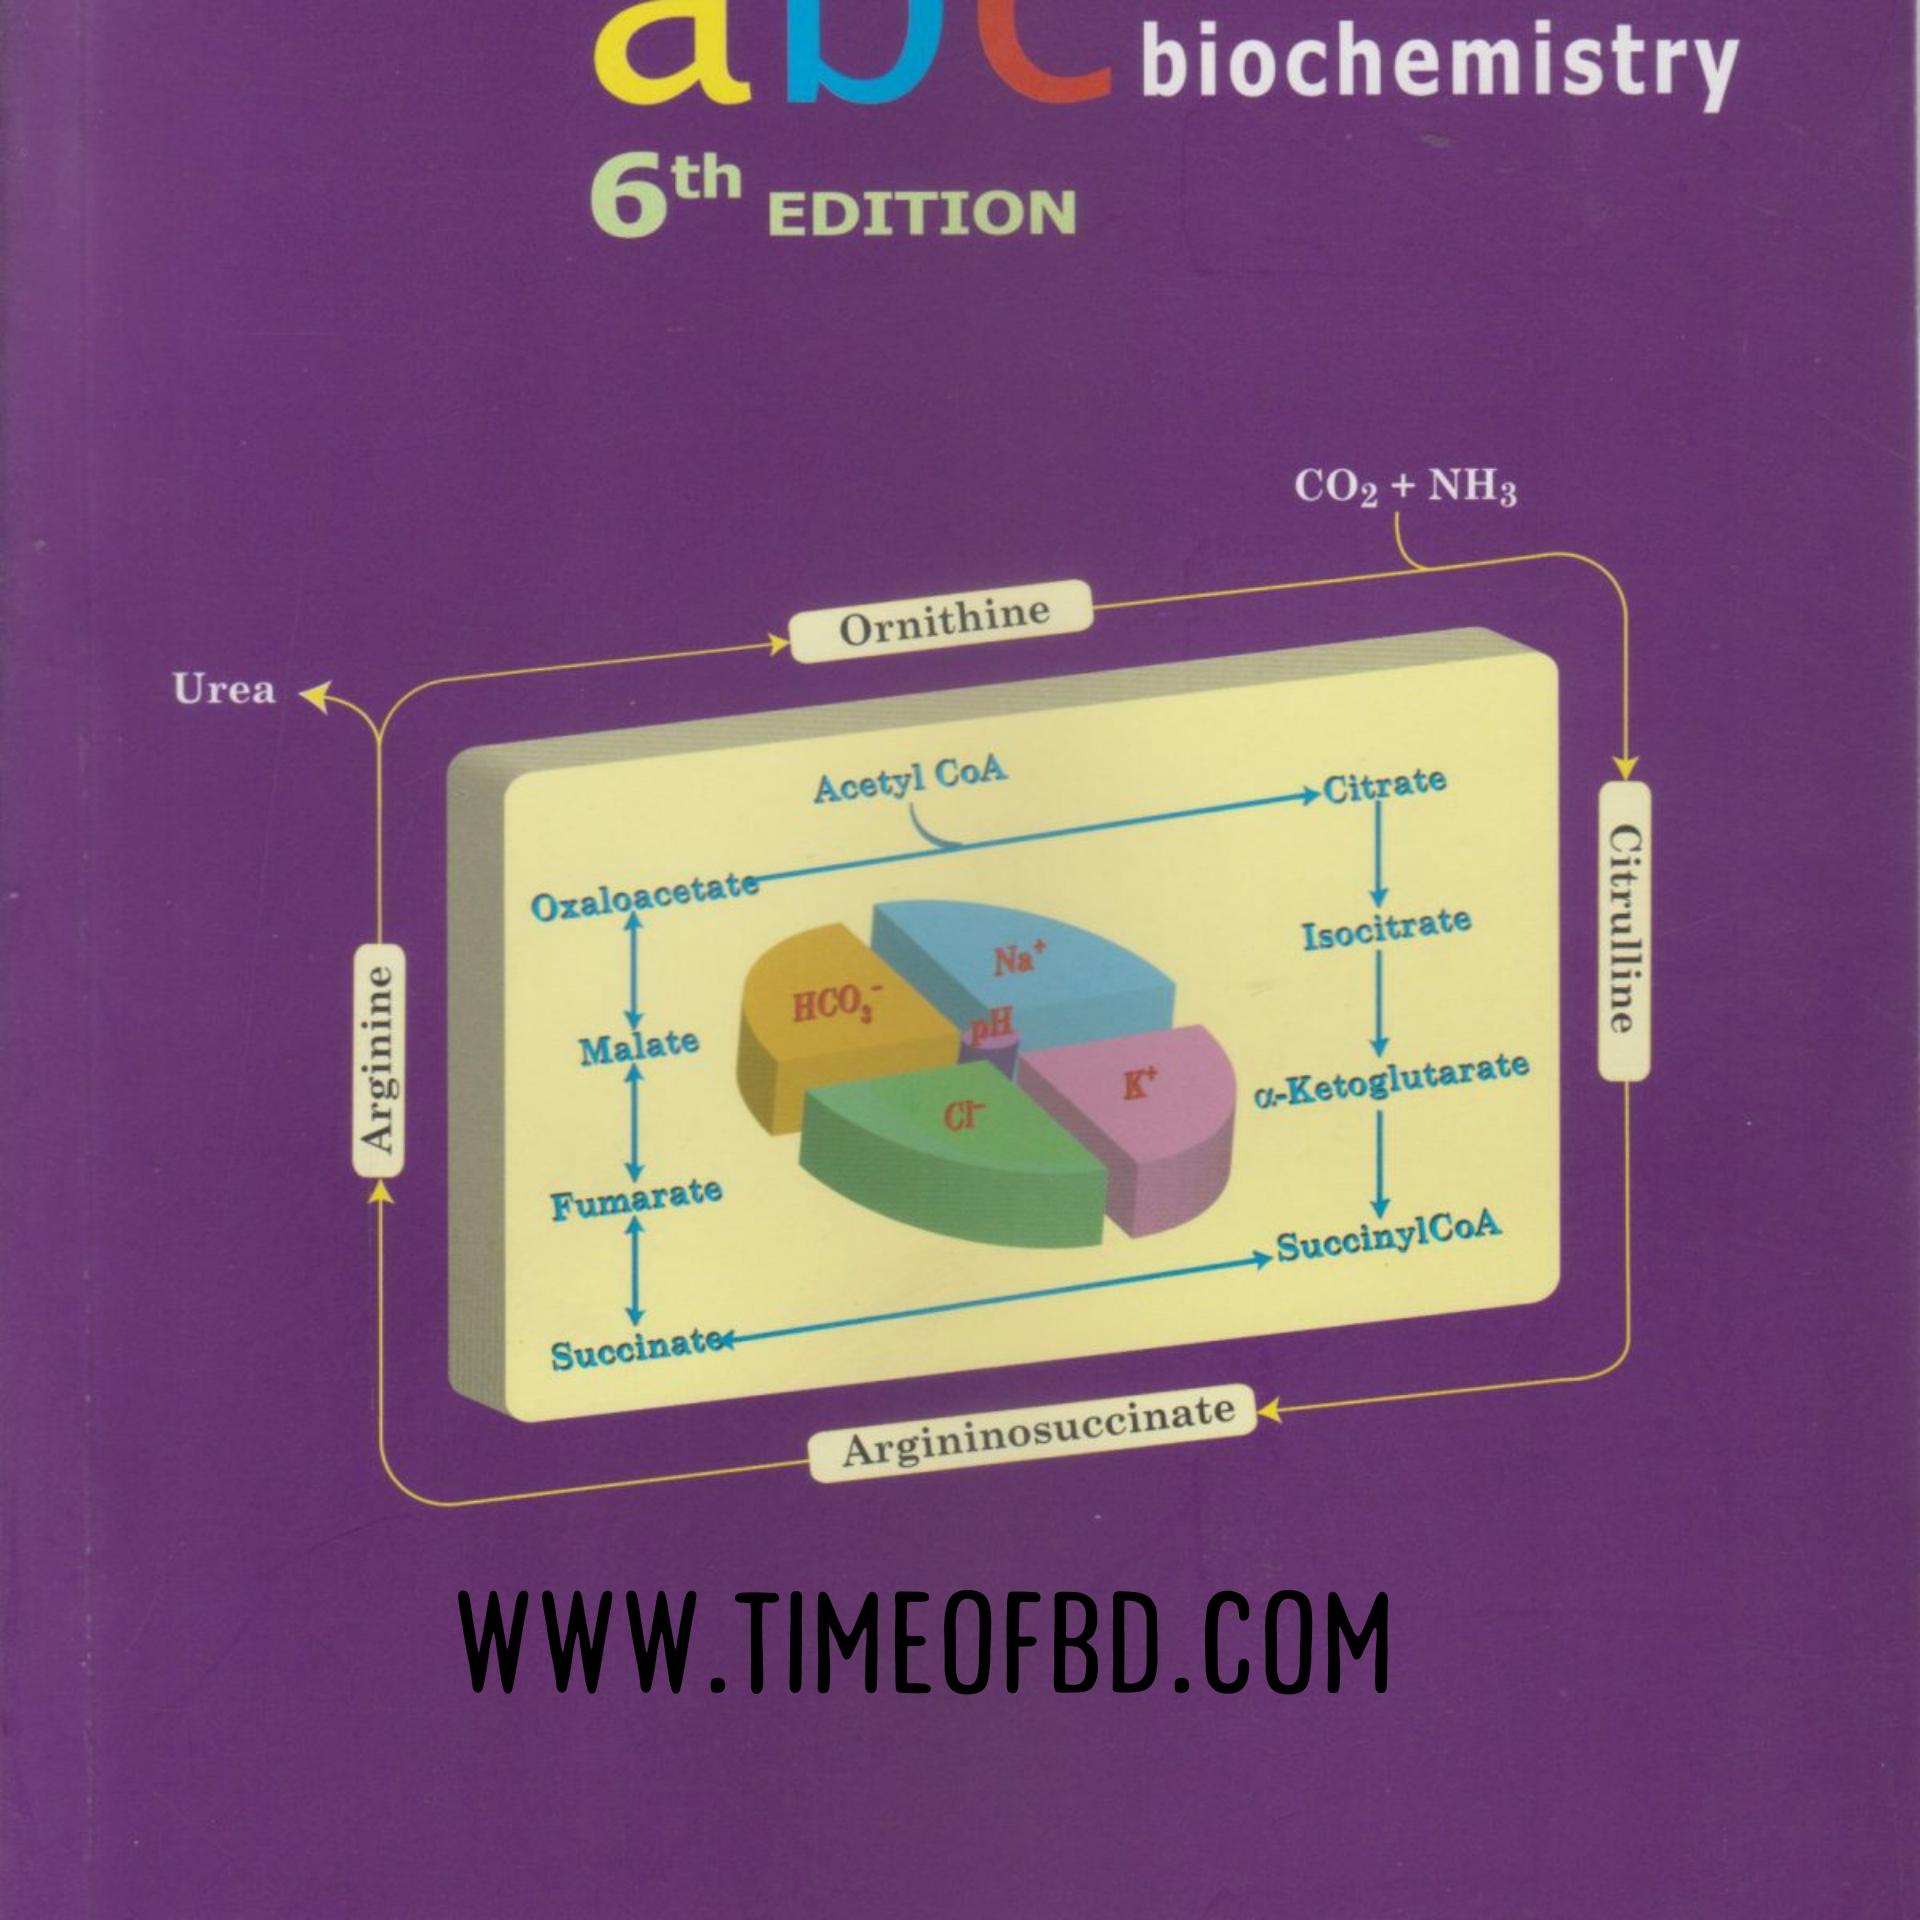 abc of medical biochemistry online order link, abc of medical biochemistry pdf download, abc of medical biochemistry details